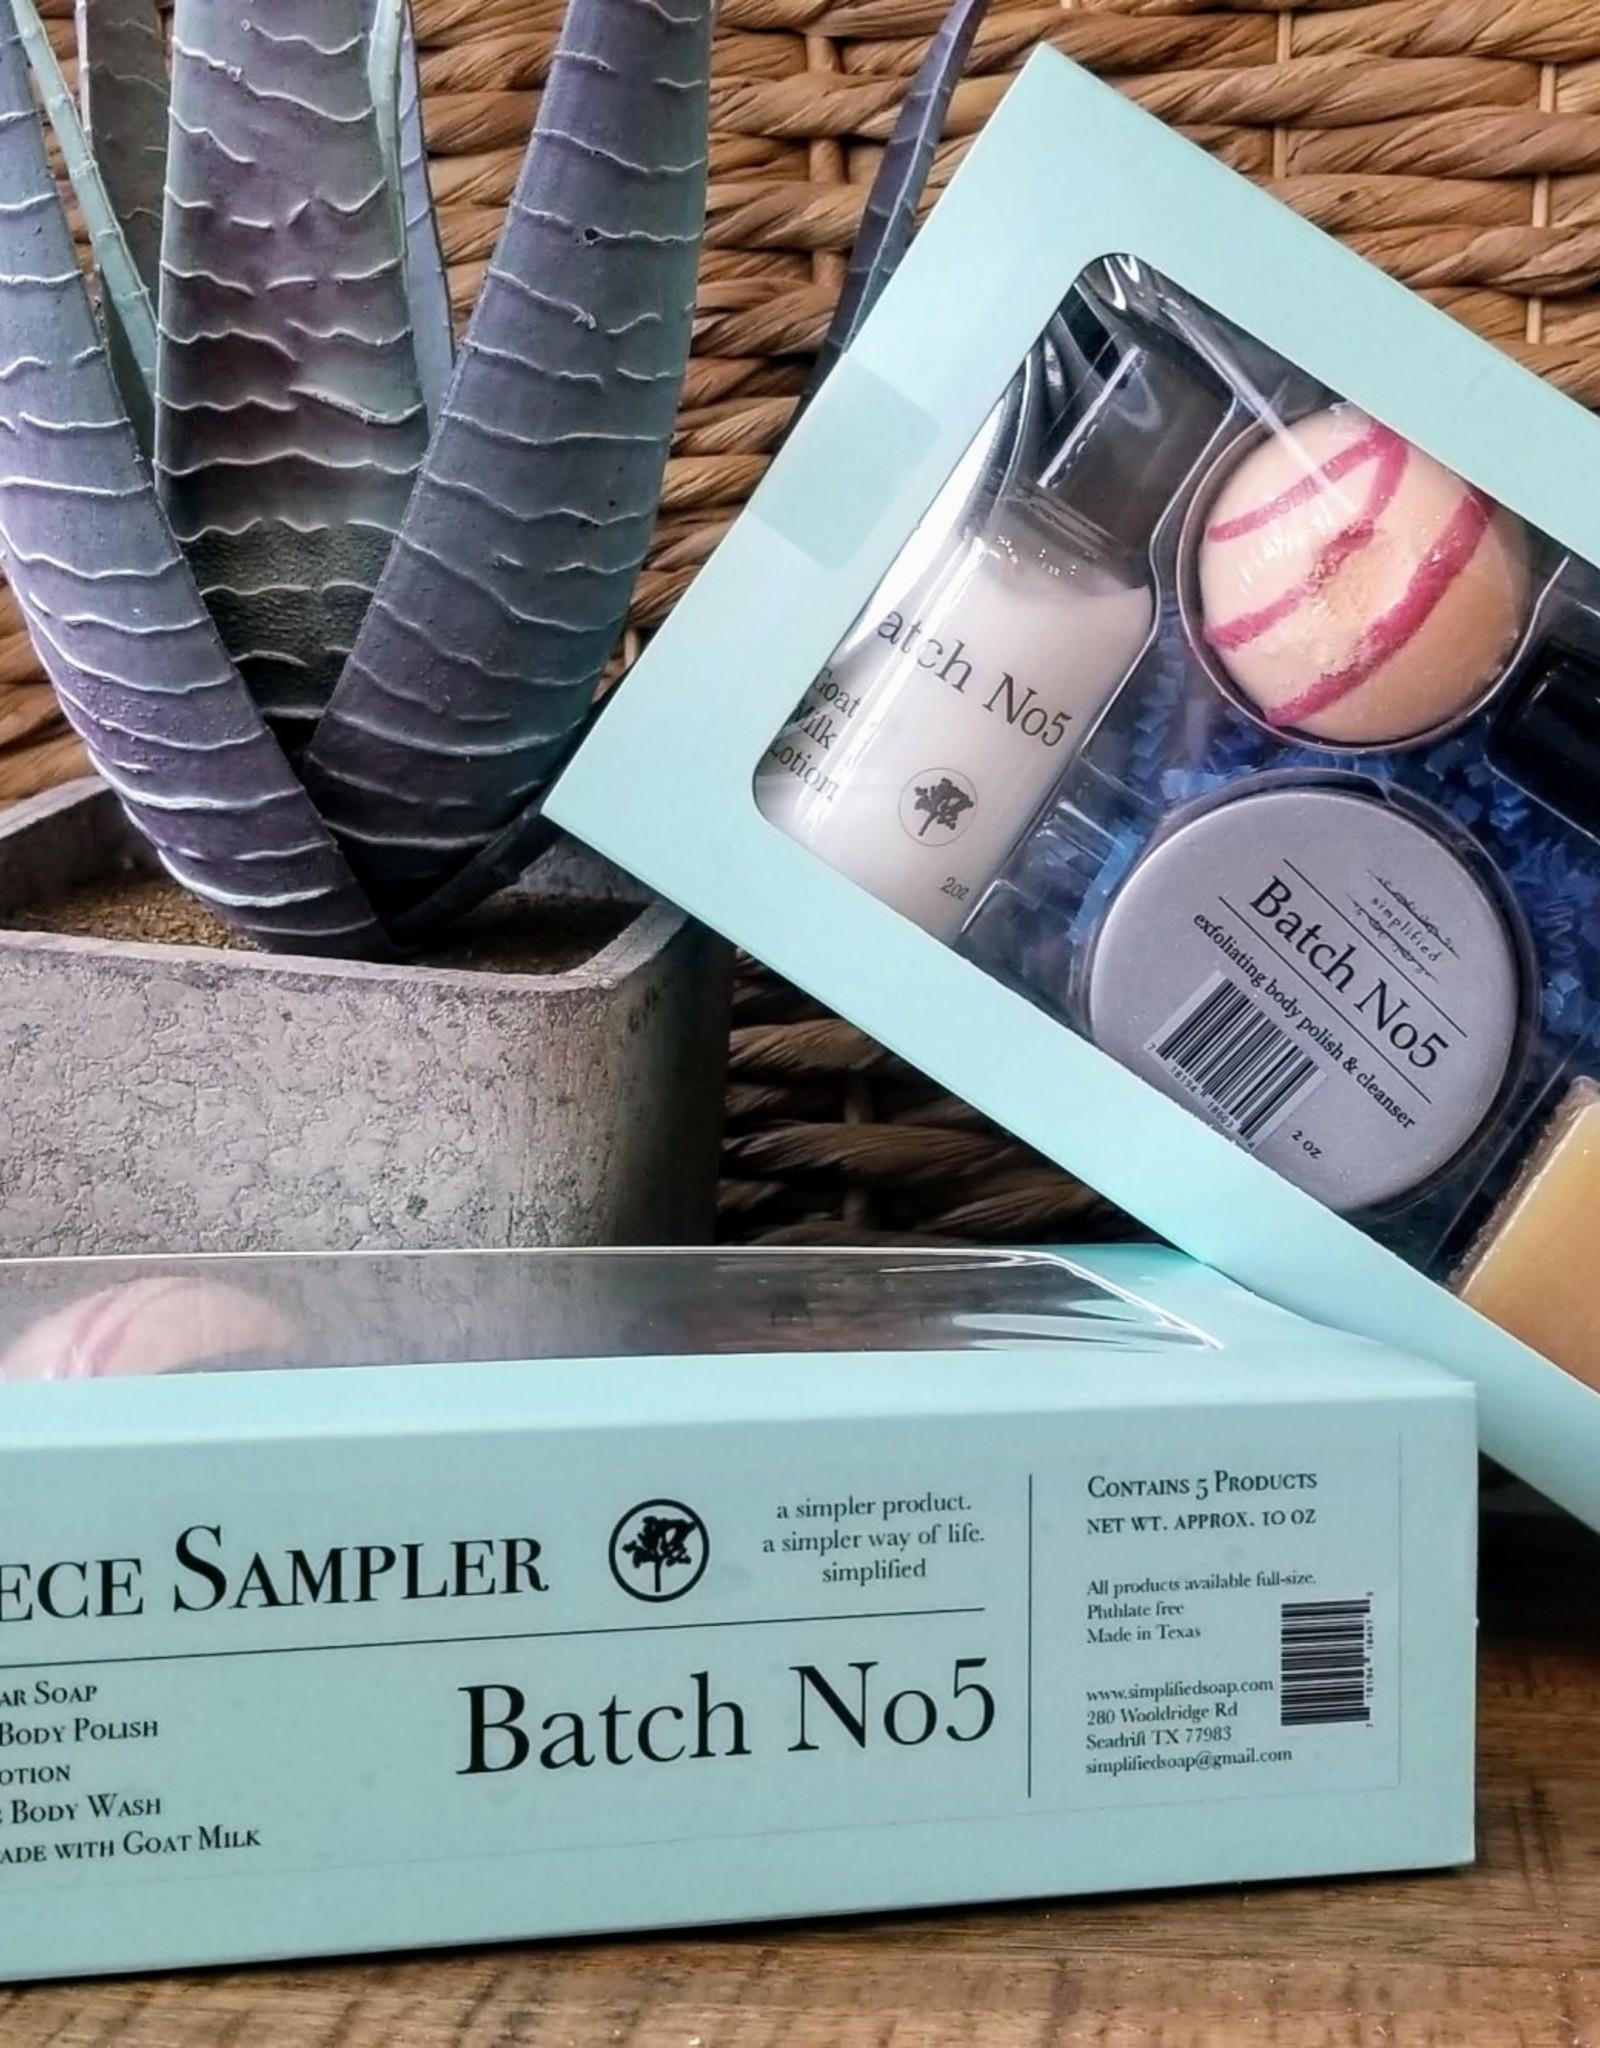 5 Piece Sampler- Batch No5